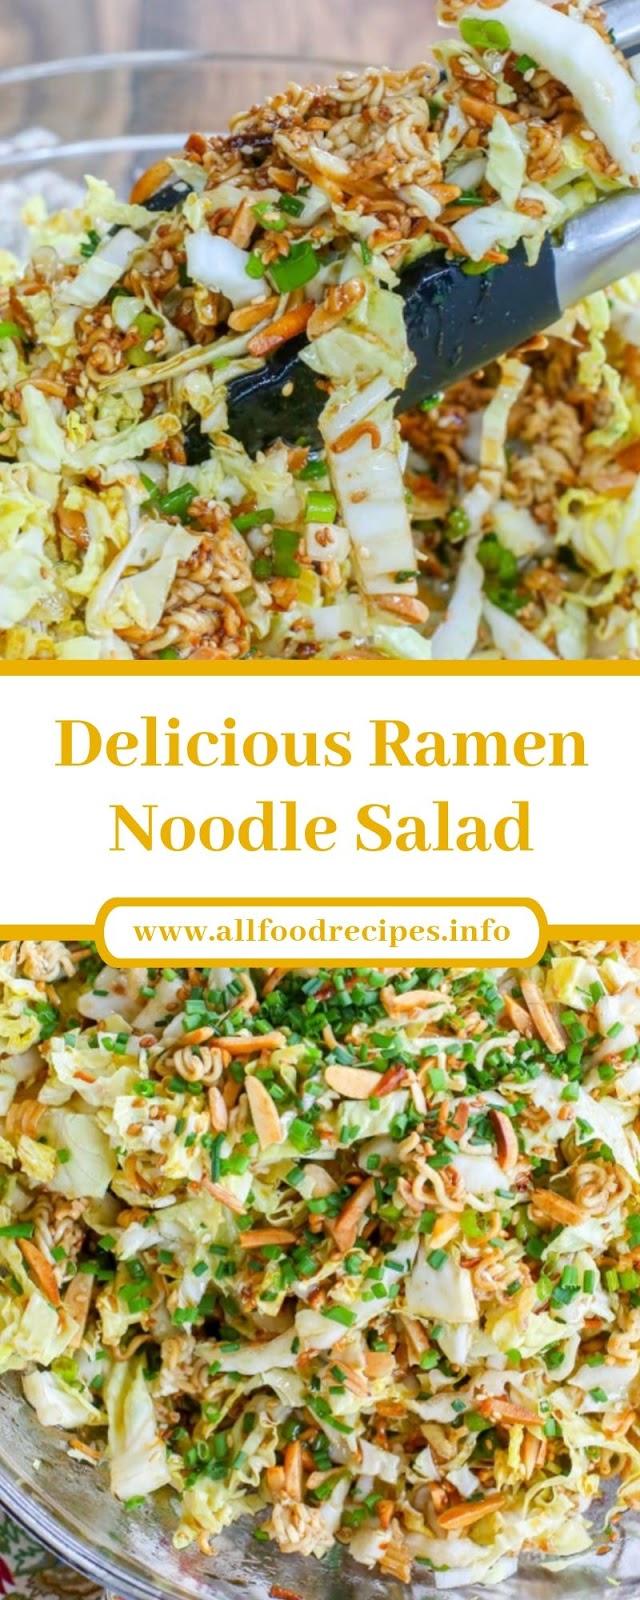 Delicious Ramen Noodle Salad